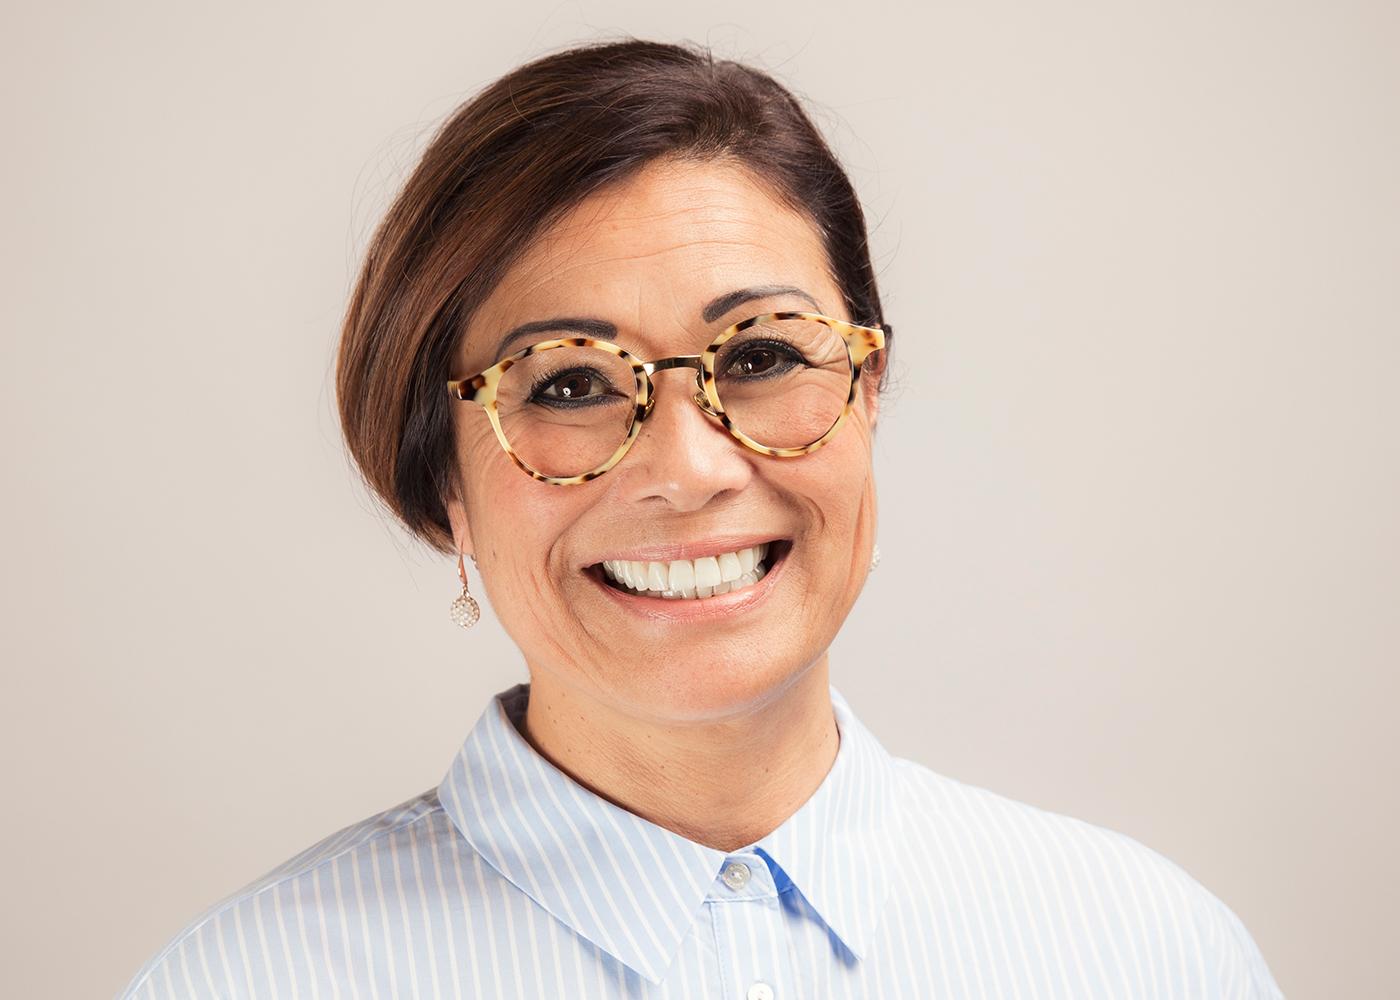 Stots-bril